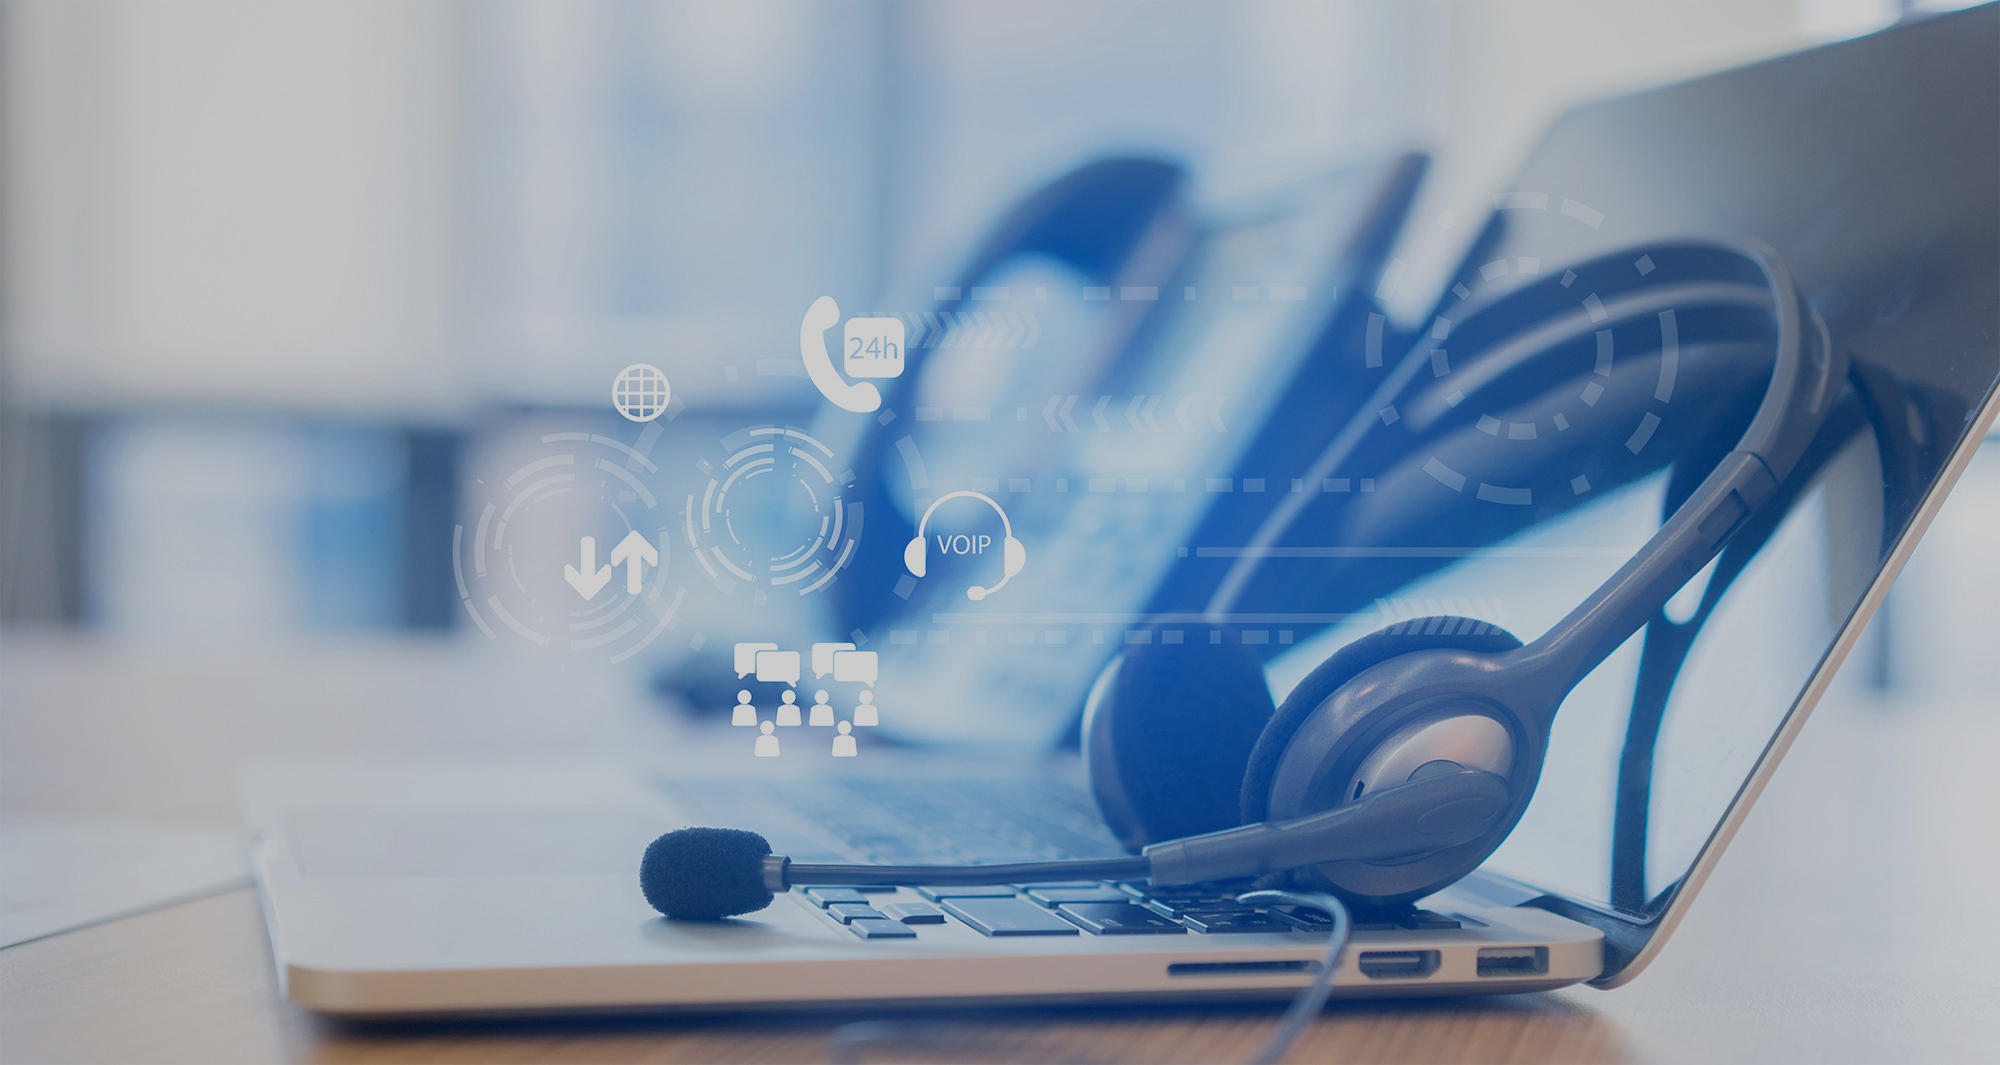 次世代型コールセンター お客様の用途に合わせAI/RPAを活用したコールセンターを構築・運用